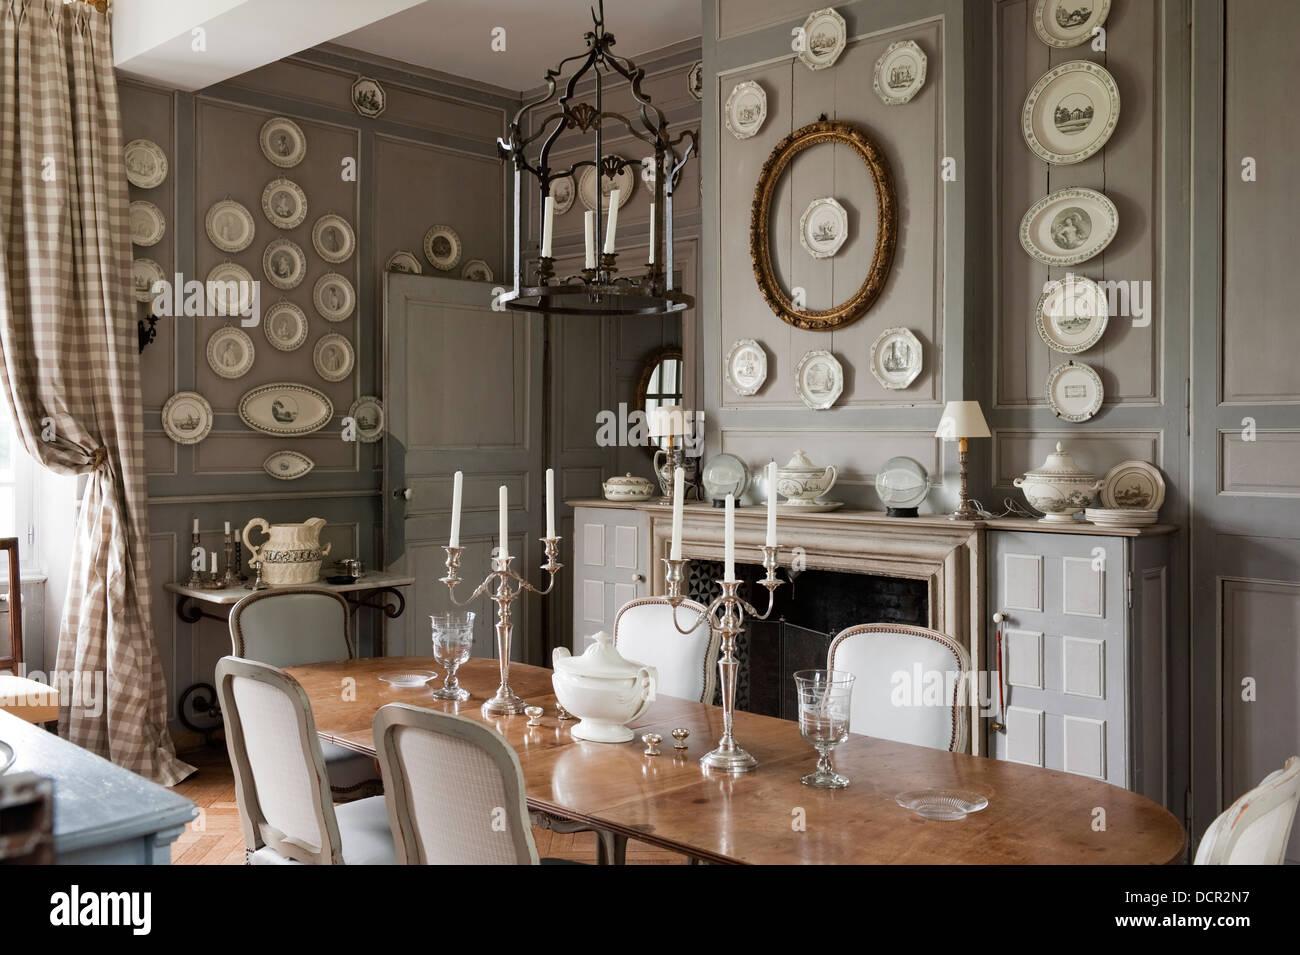 Tavolo Da Pranzo In Francese : Antiquariato francese di sedie e tavolo in elegante sala da pranzo